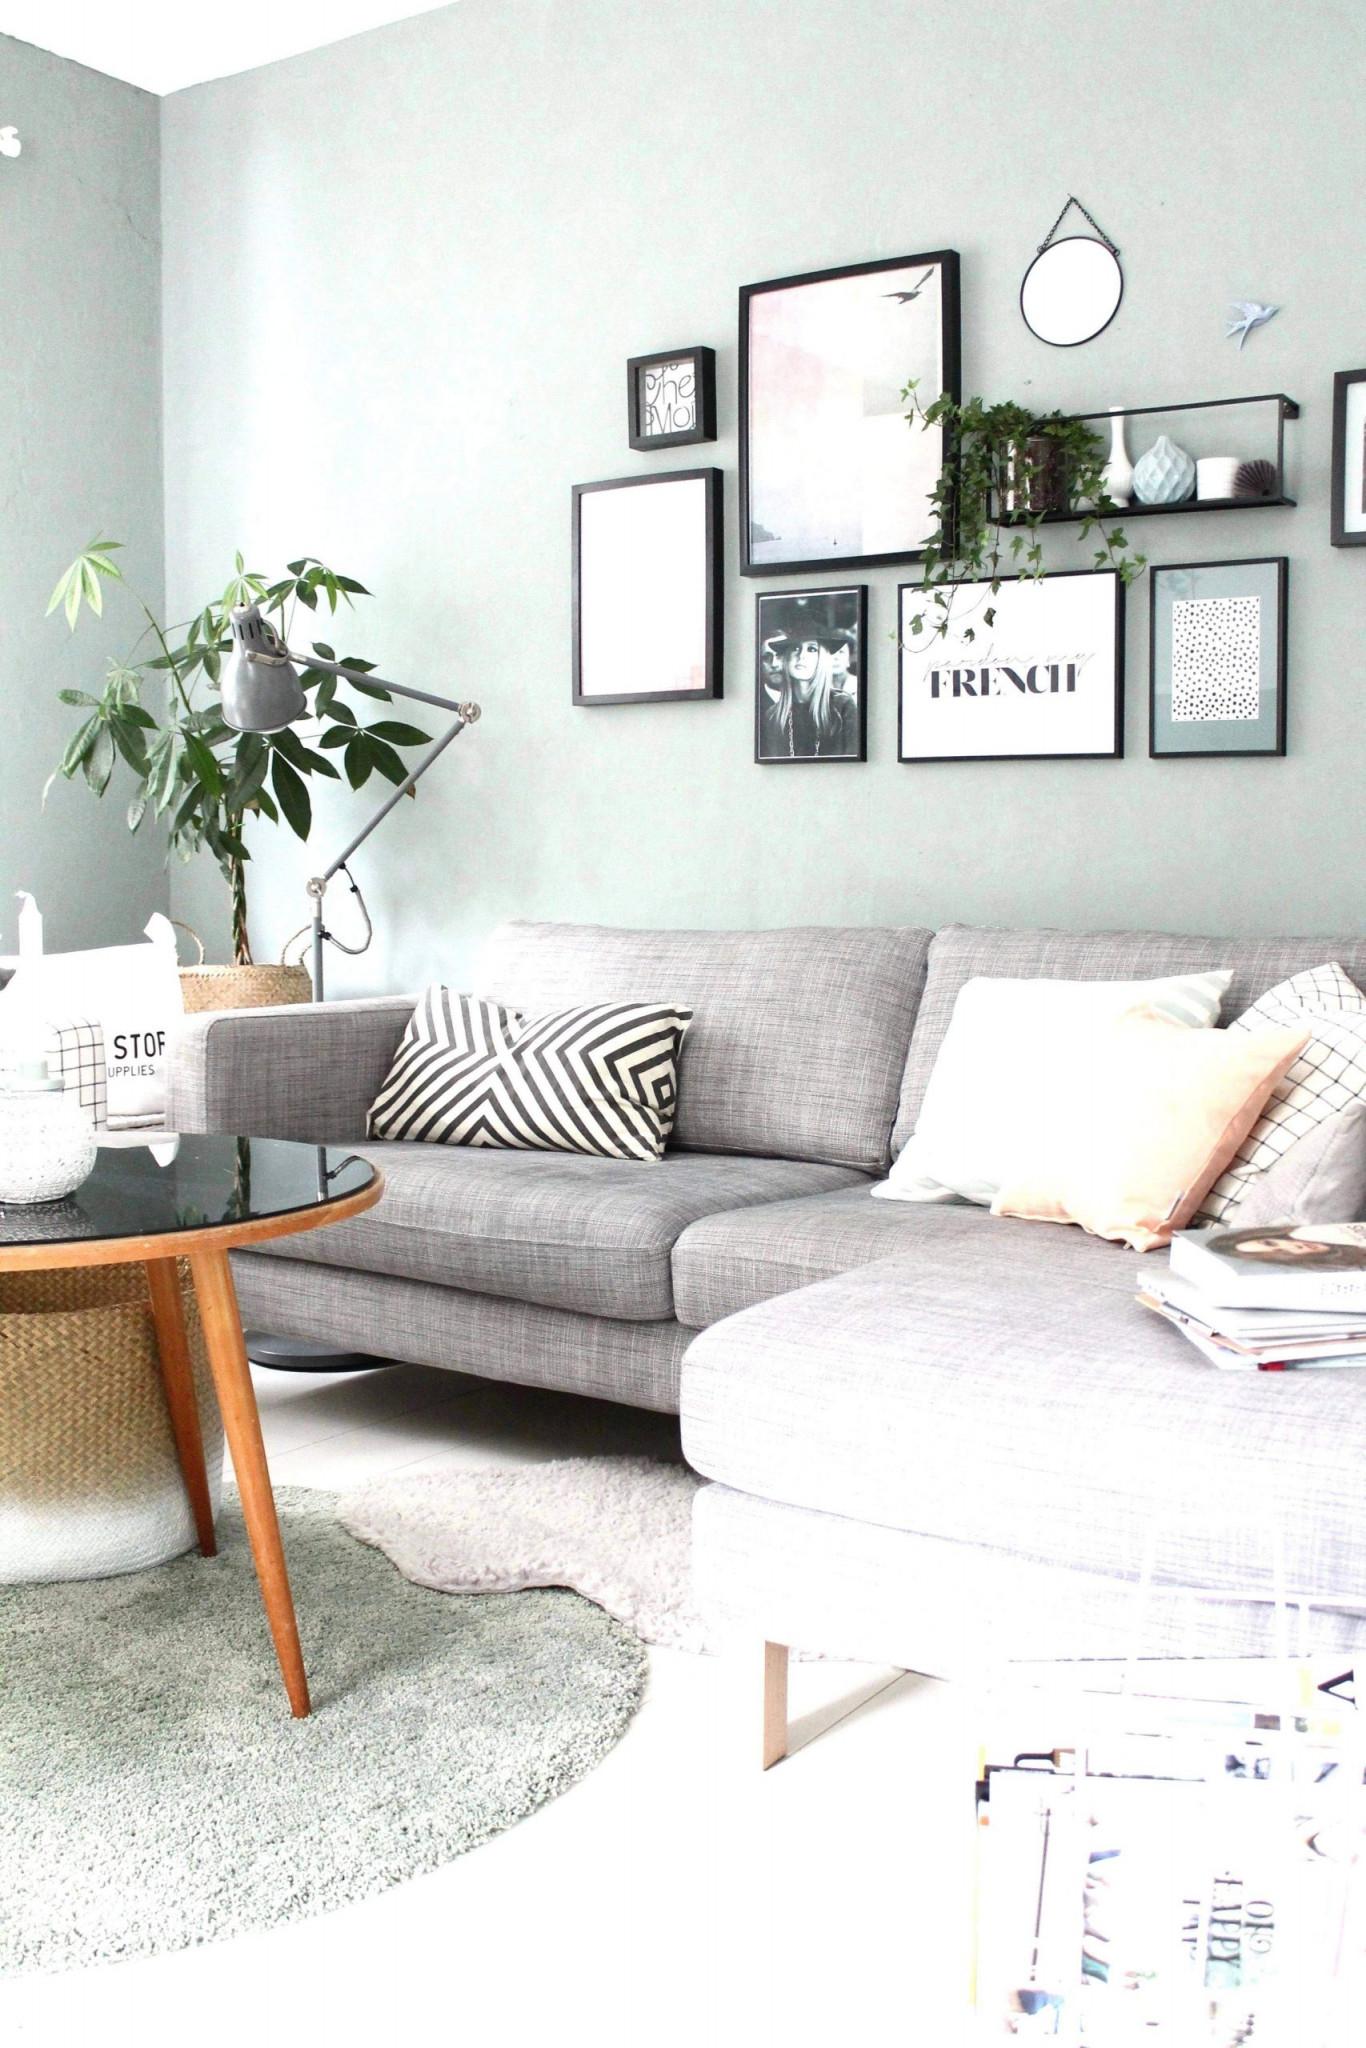 31 Luxus Wohnzimmer Wandgestaltung Genial  Wohnzimmer Frisch von Bilder Wandgestaltung Wohnzimmer Bild